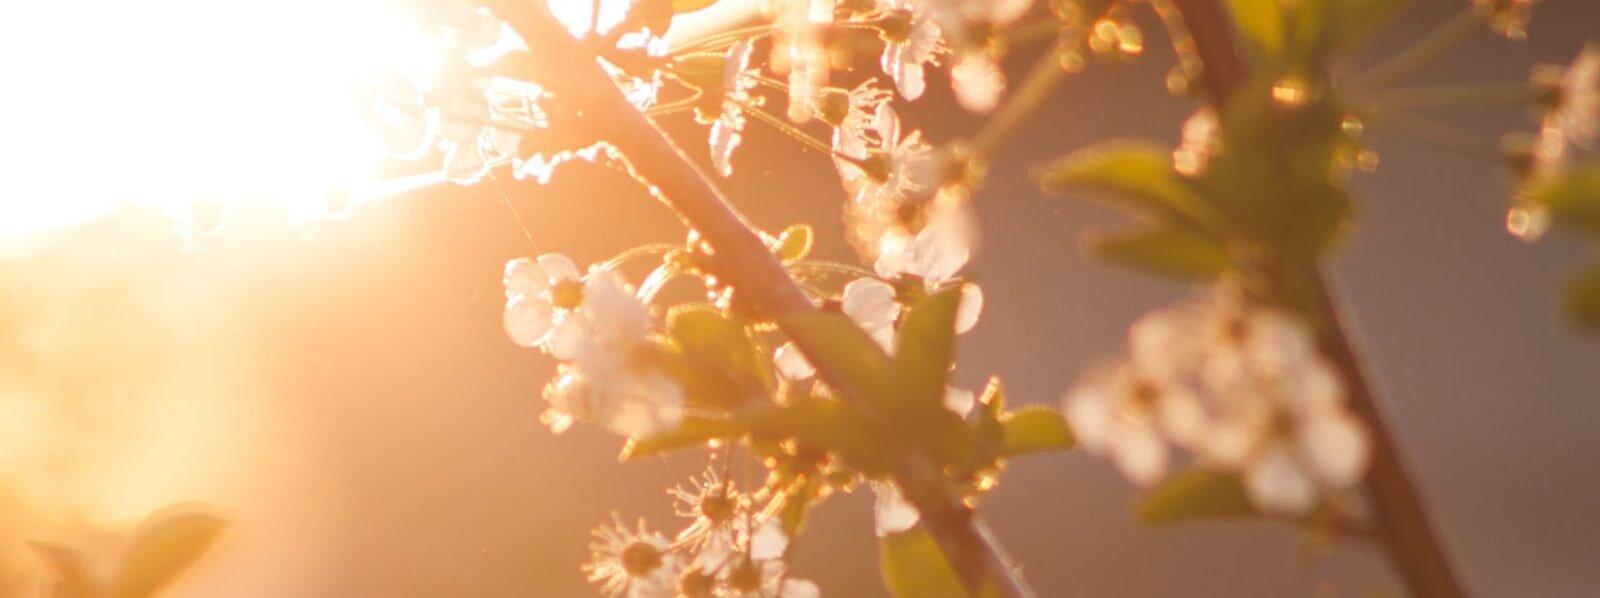 cherry-blossom-flowers-nature-72473-e1551840825156-1600x598.jpg